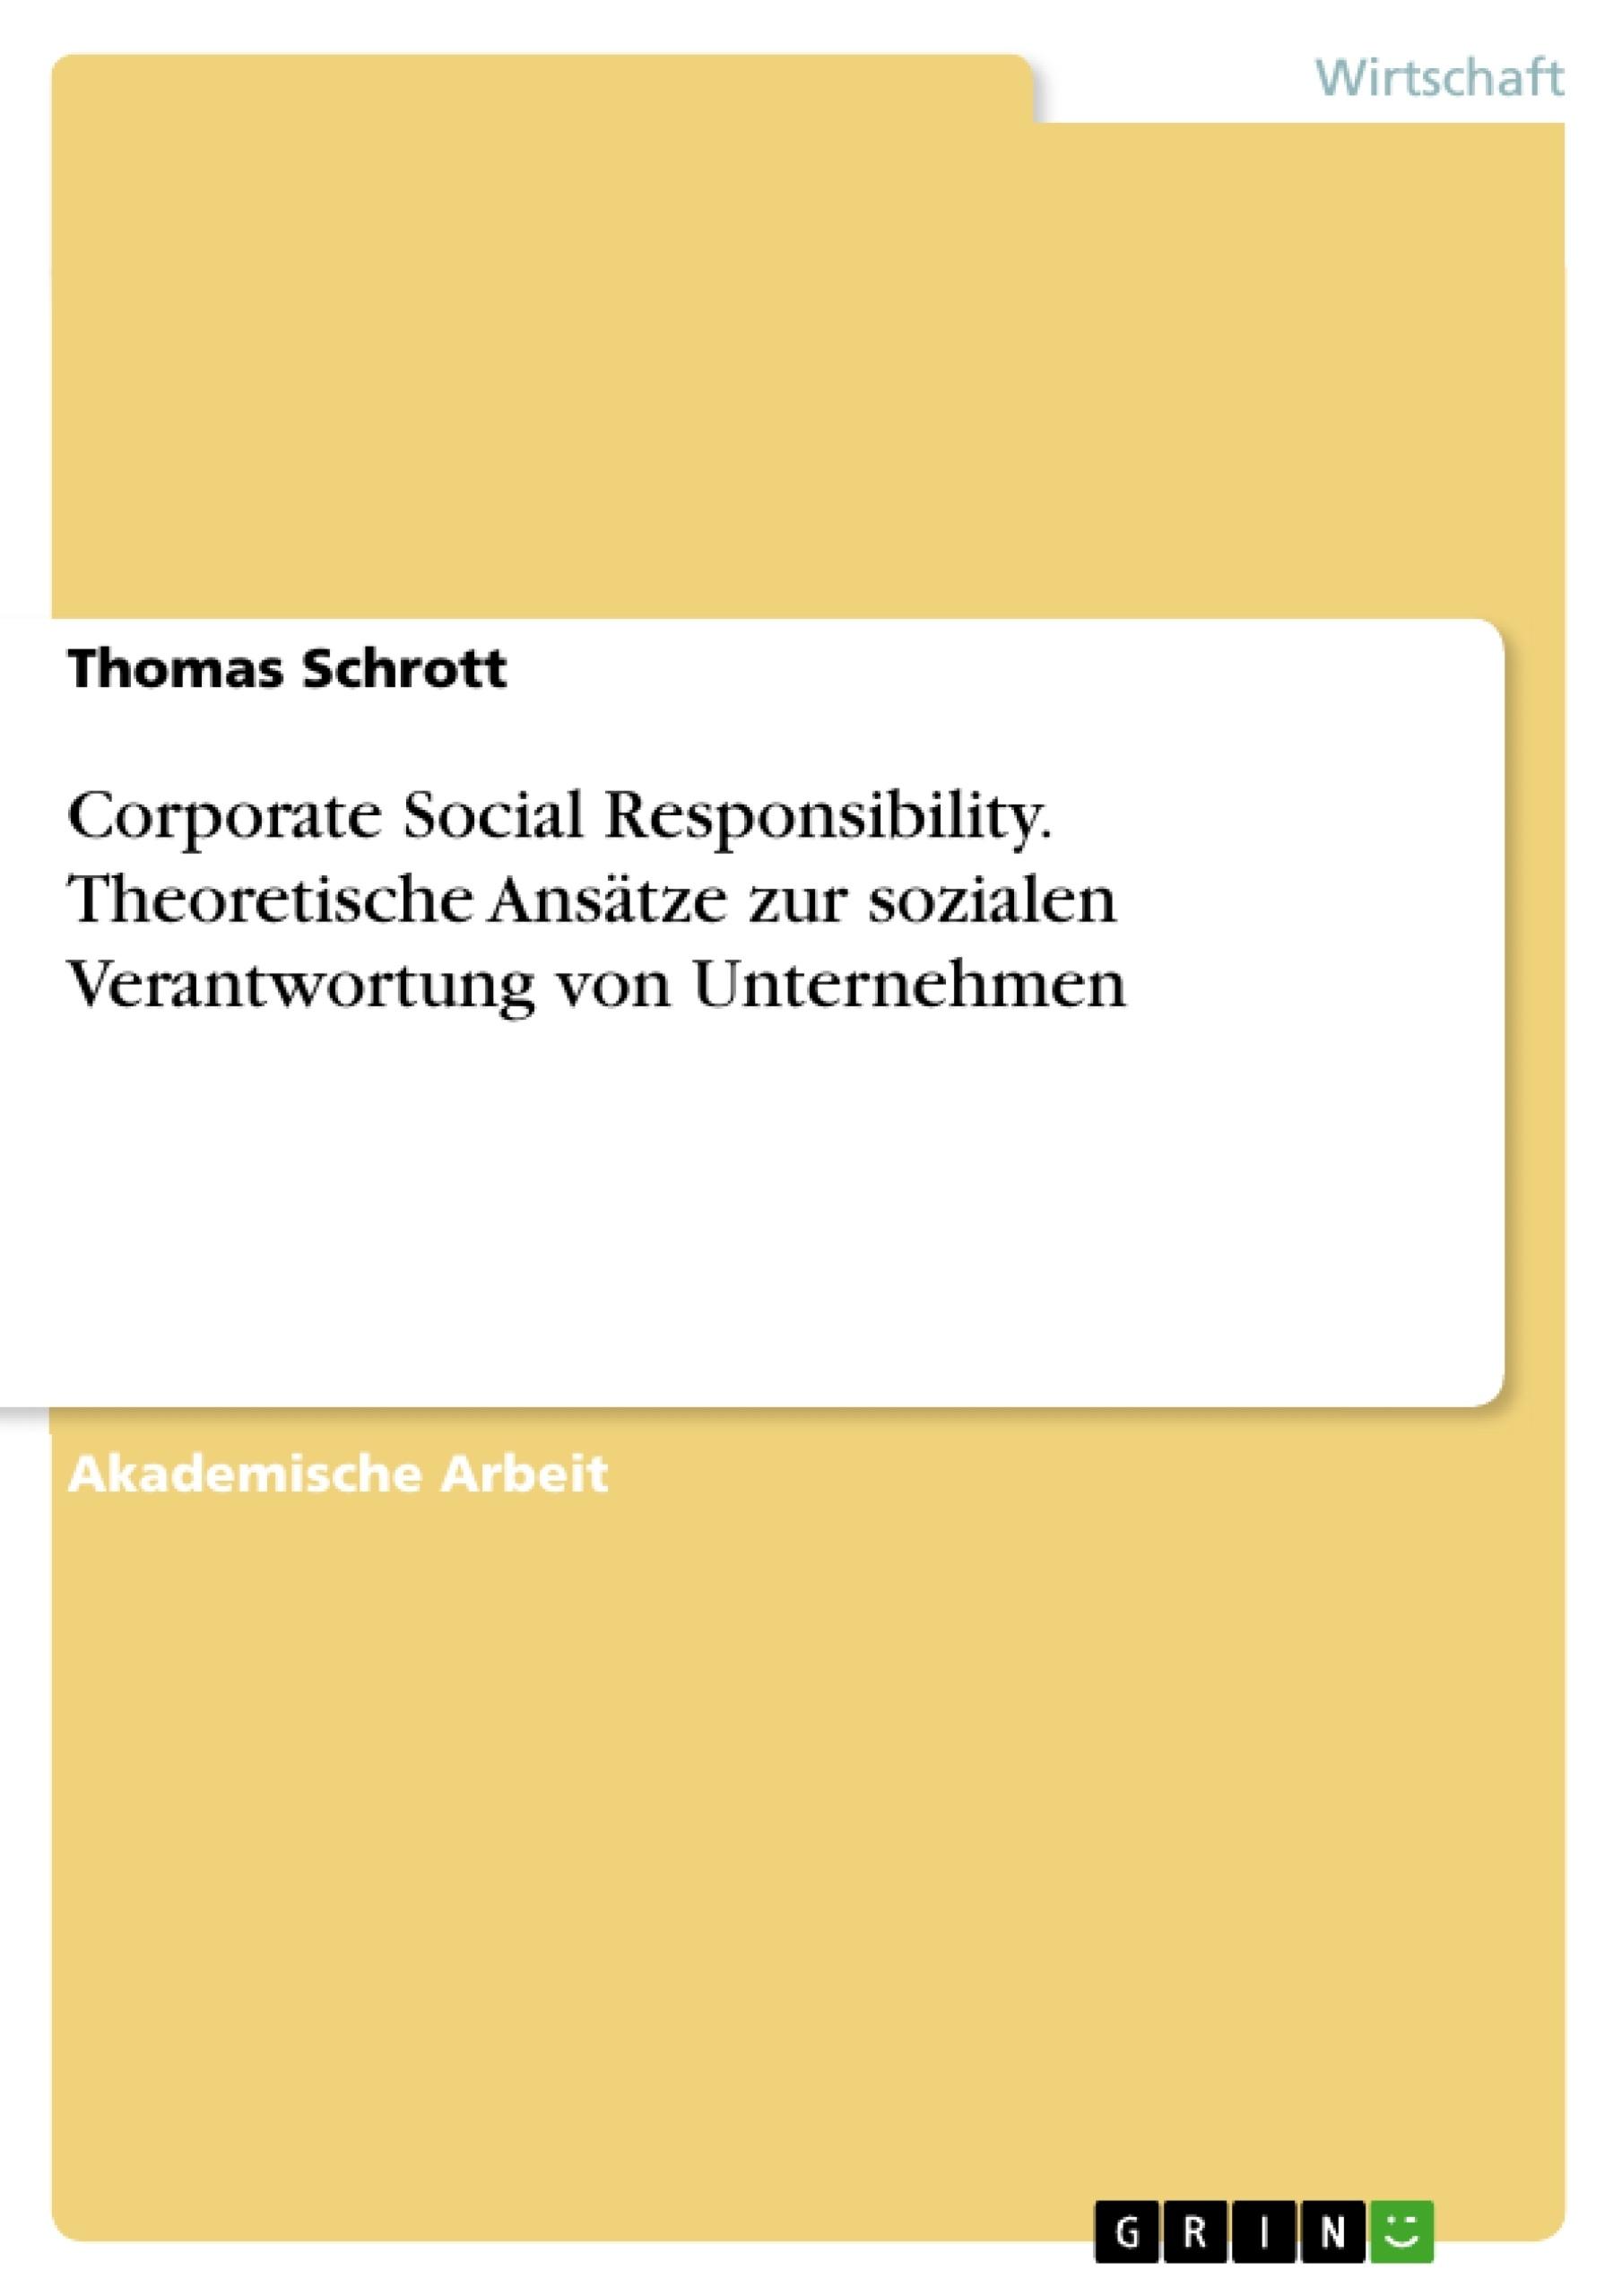 Titel: Corporate Social Responsibility. Theoretische Ansätze zur sozialen Verantwortung von Unternehmen